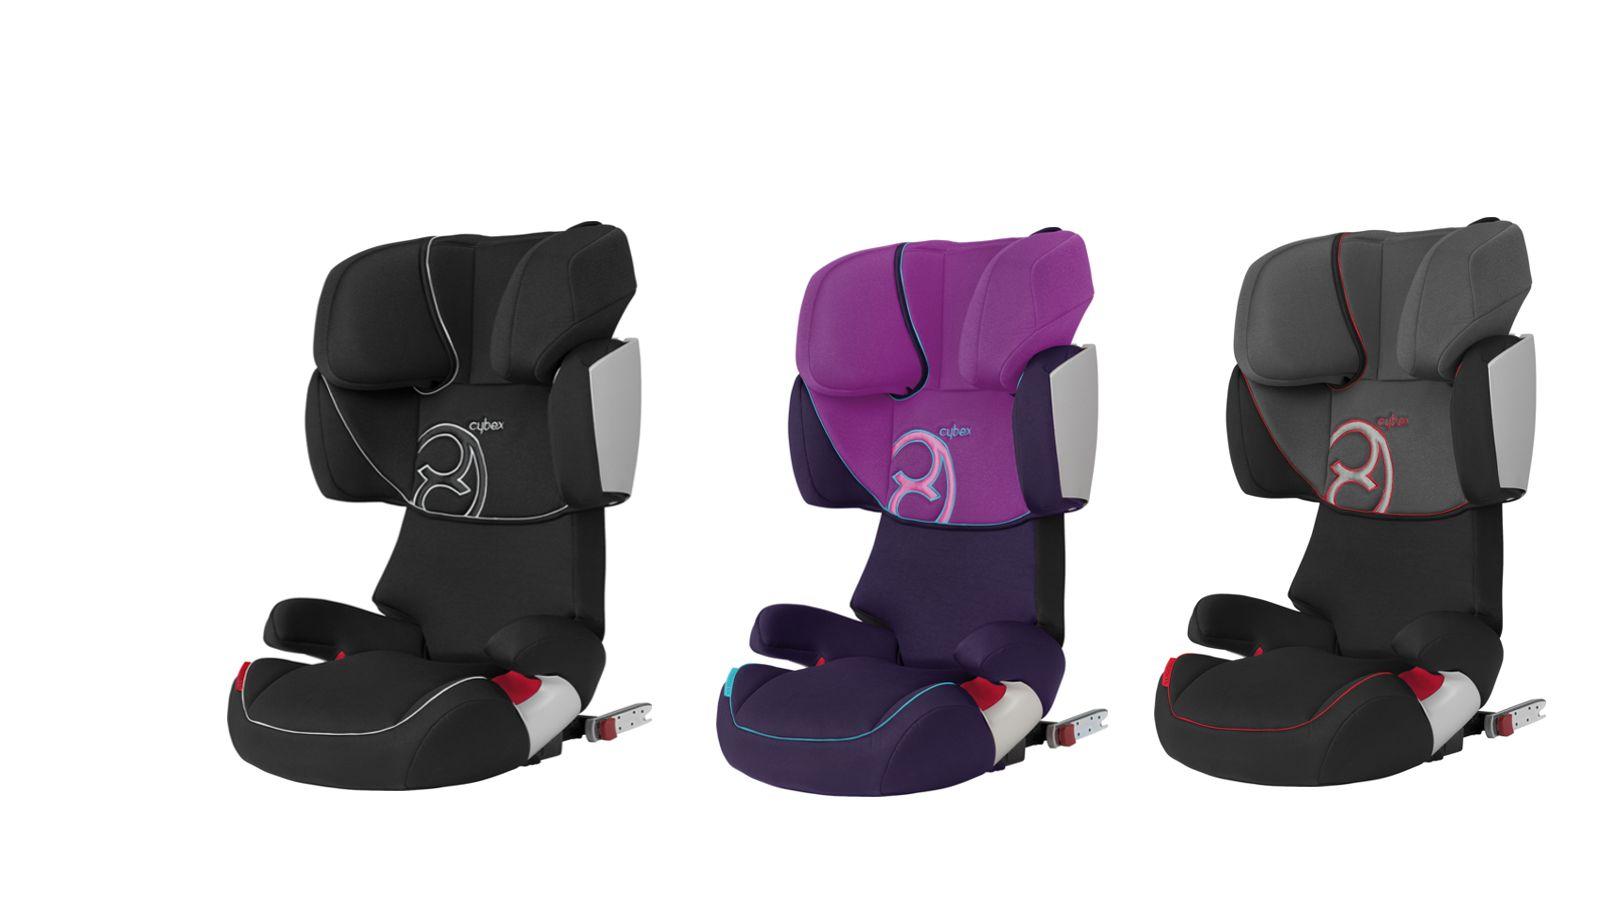 cybex solution x koncern. Black Bedroom Furniture Sets. Home Design Ideas